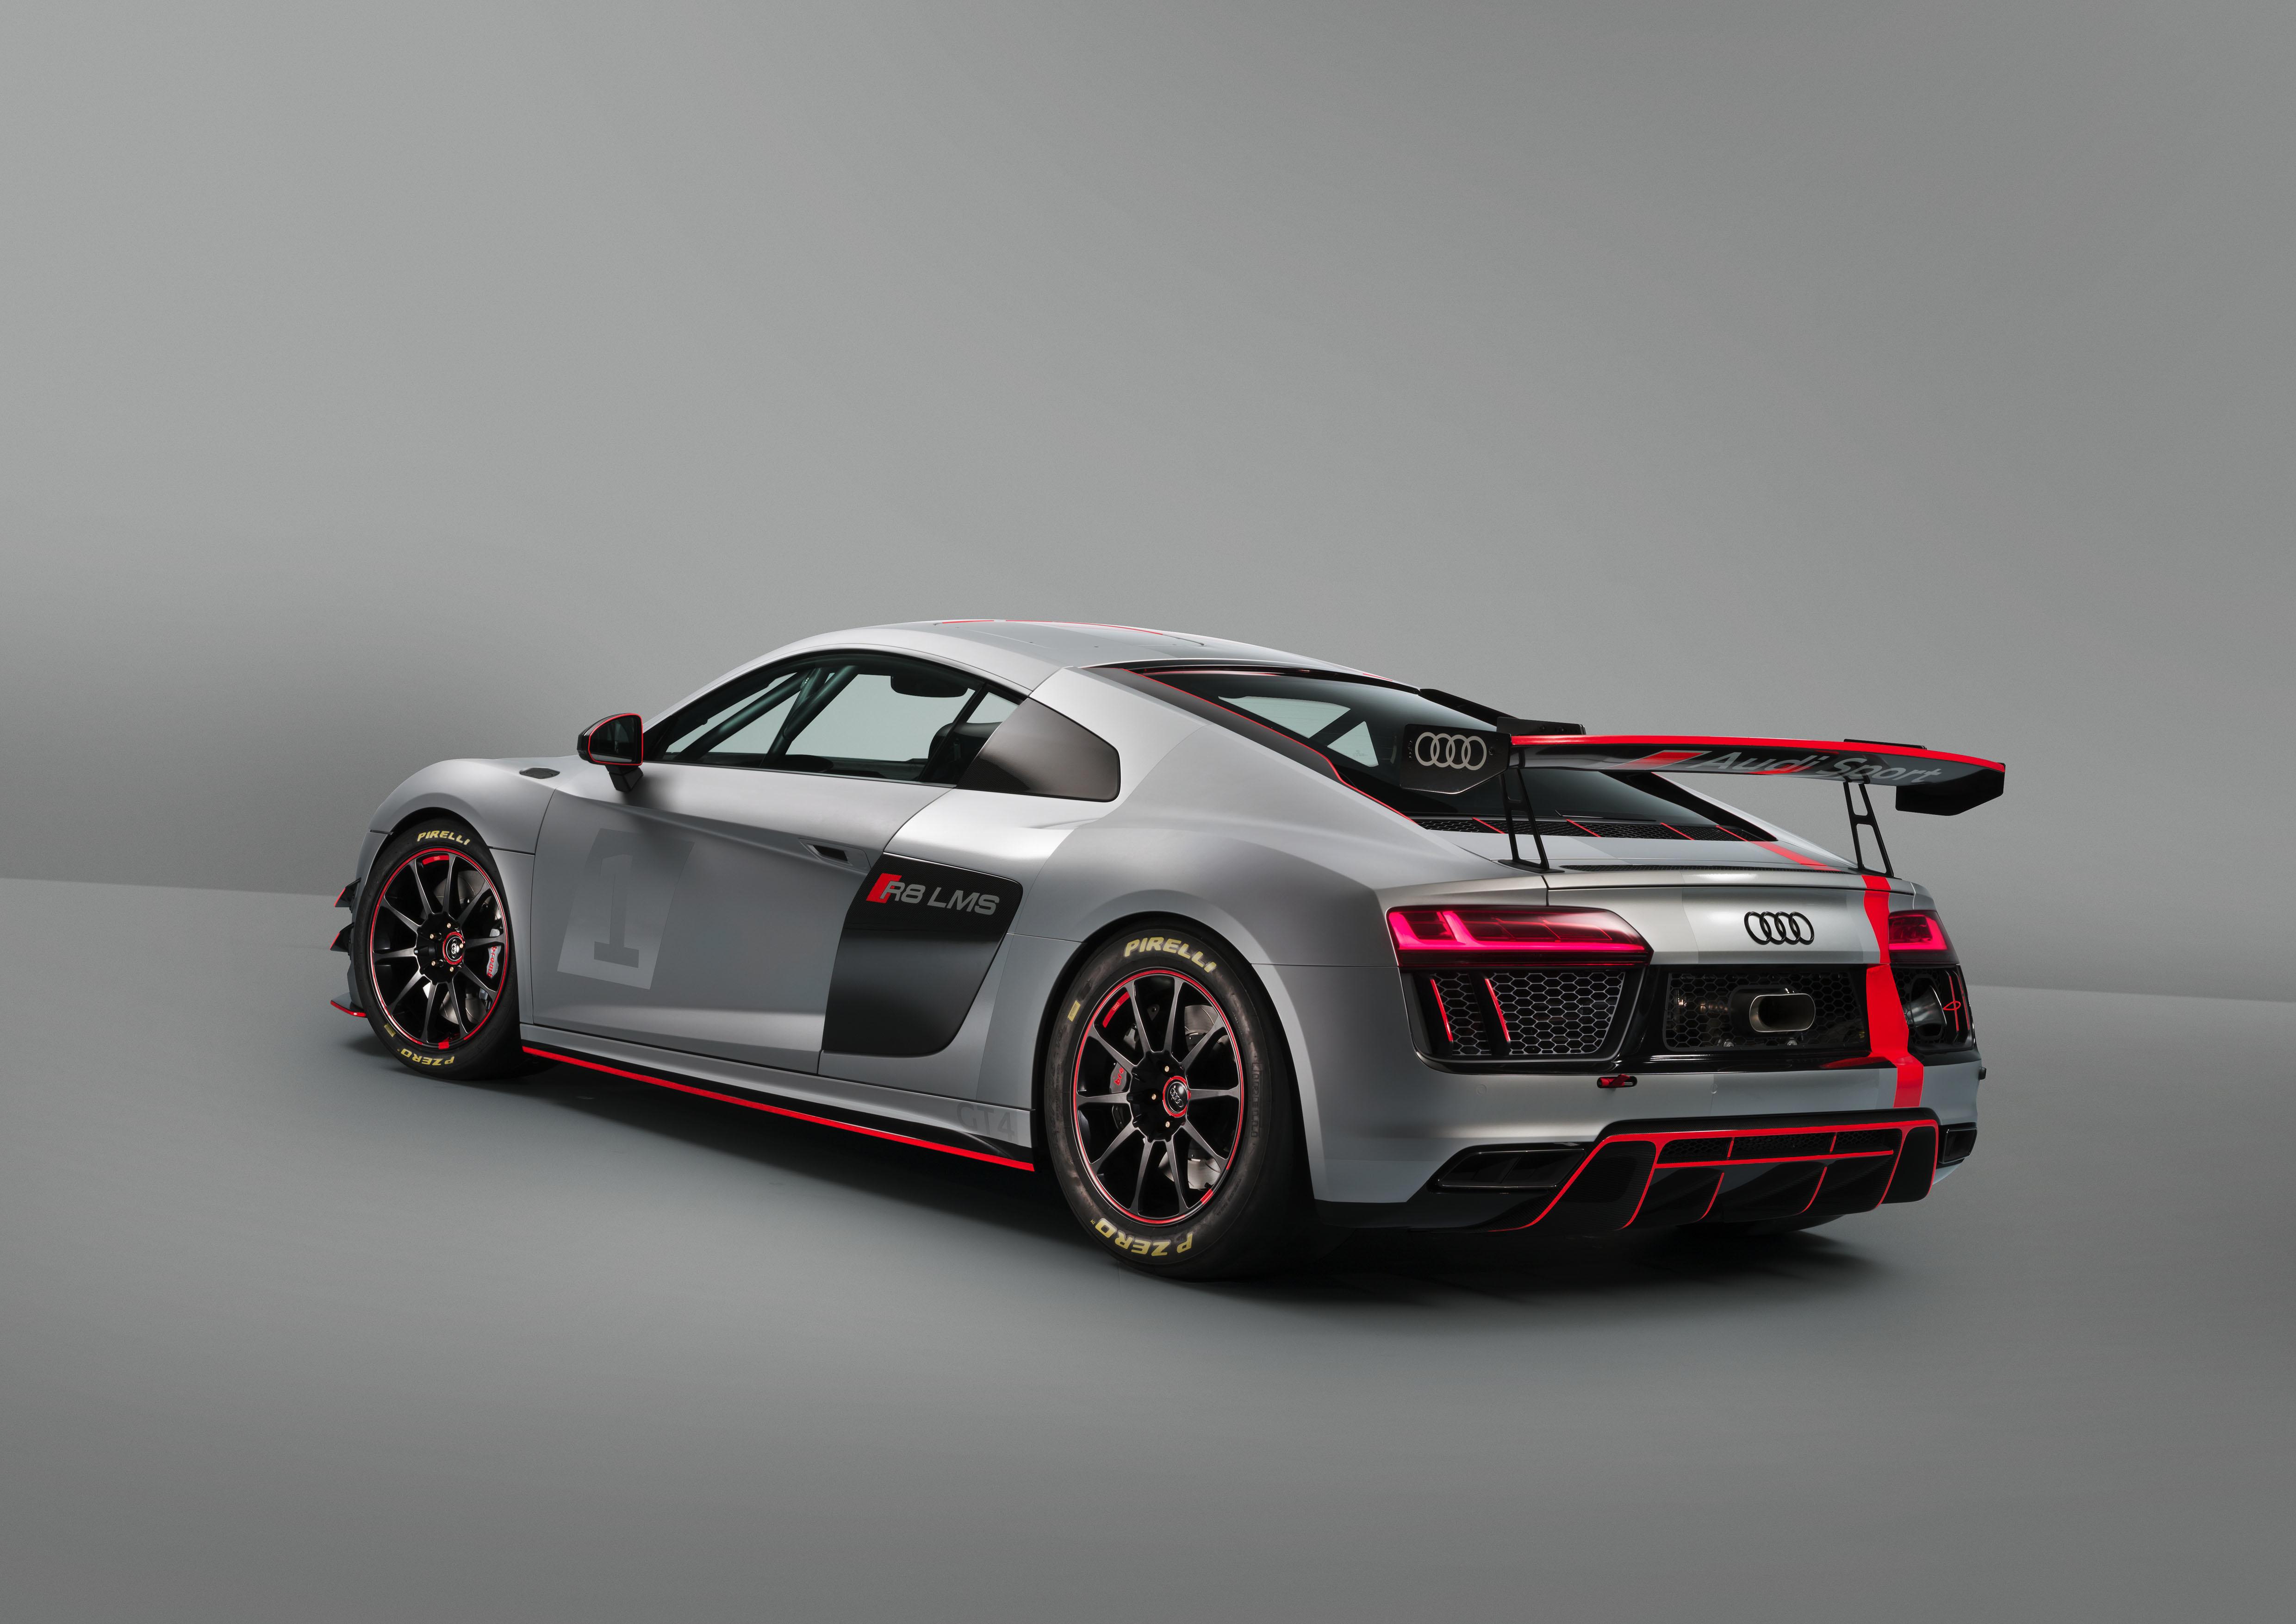 Audi R8 LMS GT4 - 2017 - rear side-face / profil arrière